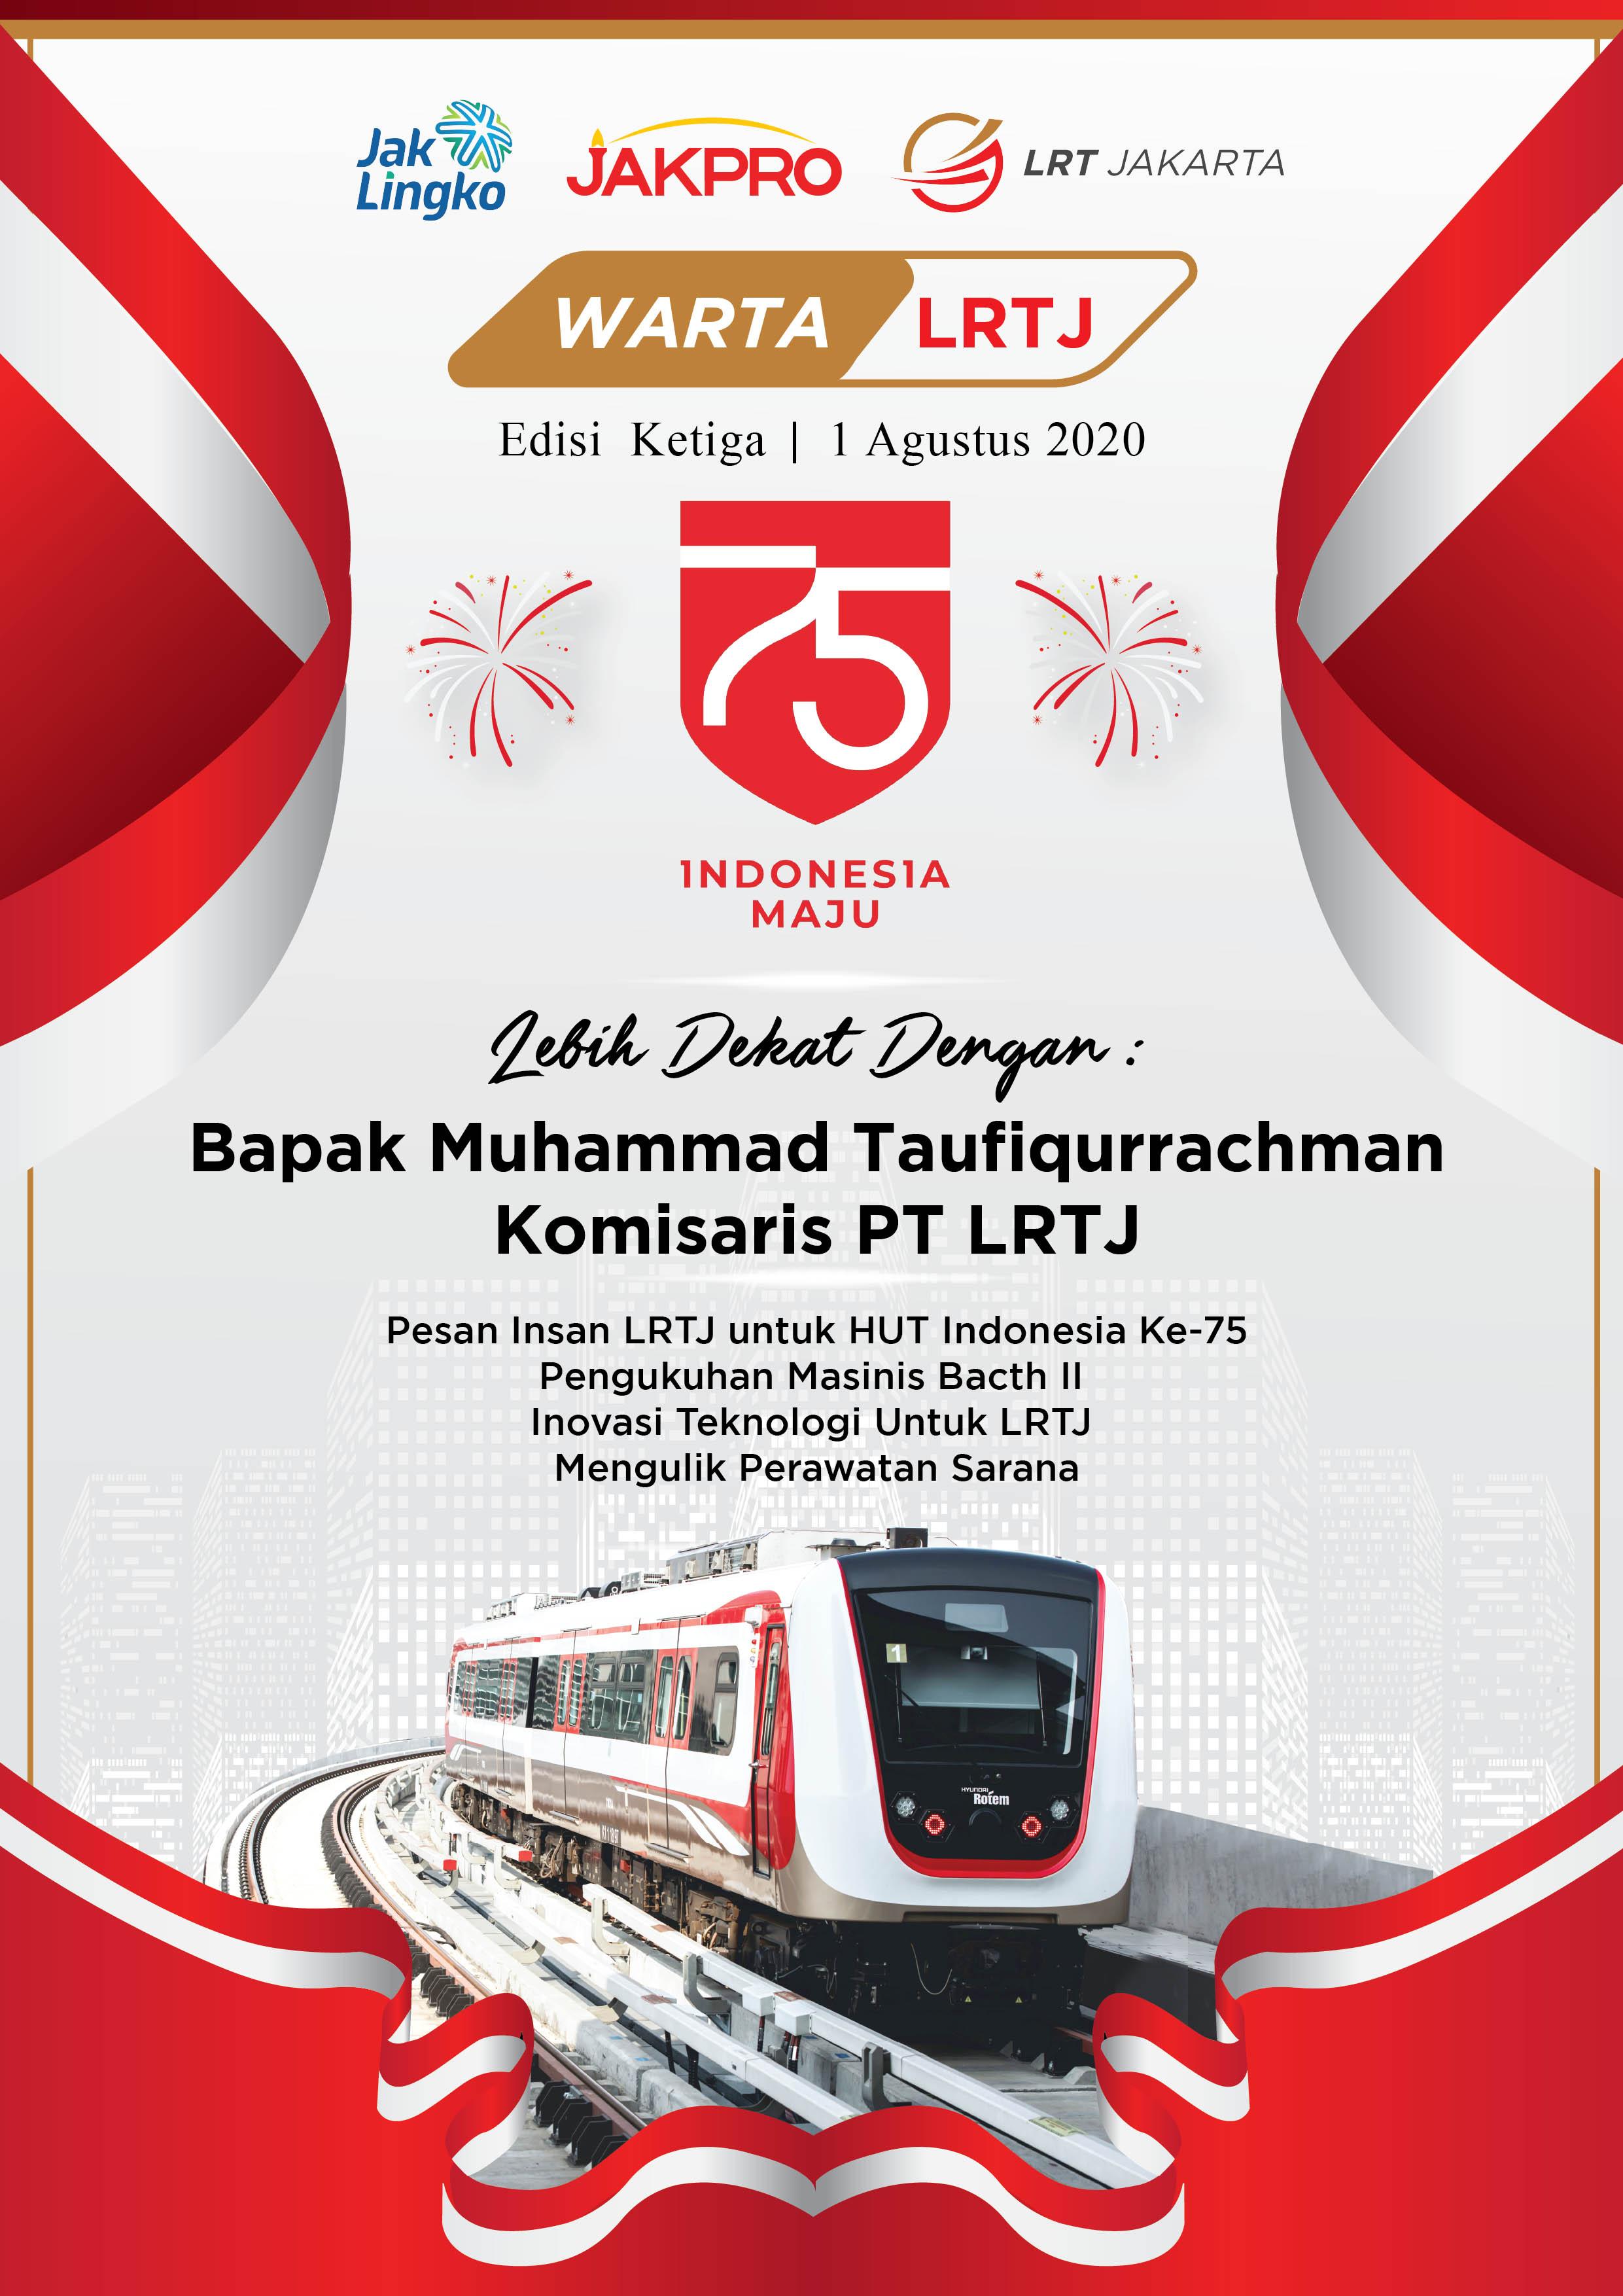 Warta LRT Jakarta Edisi 3